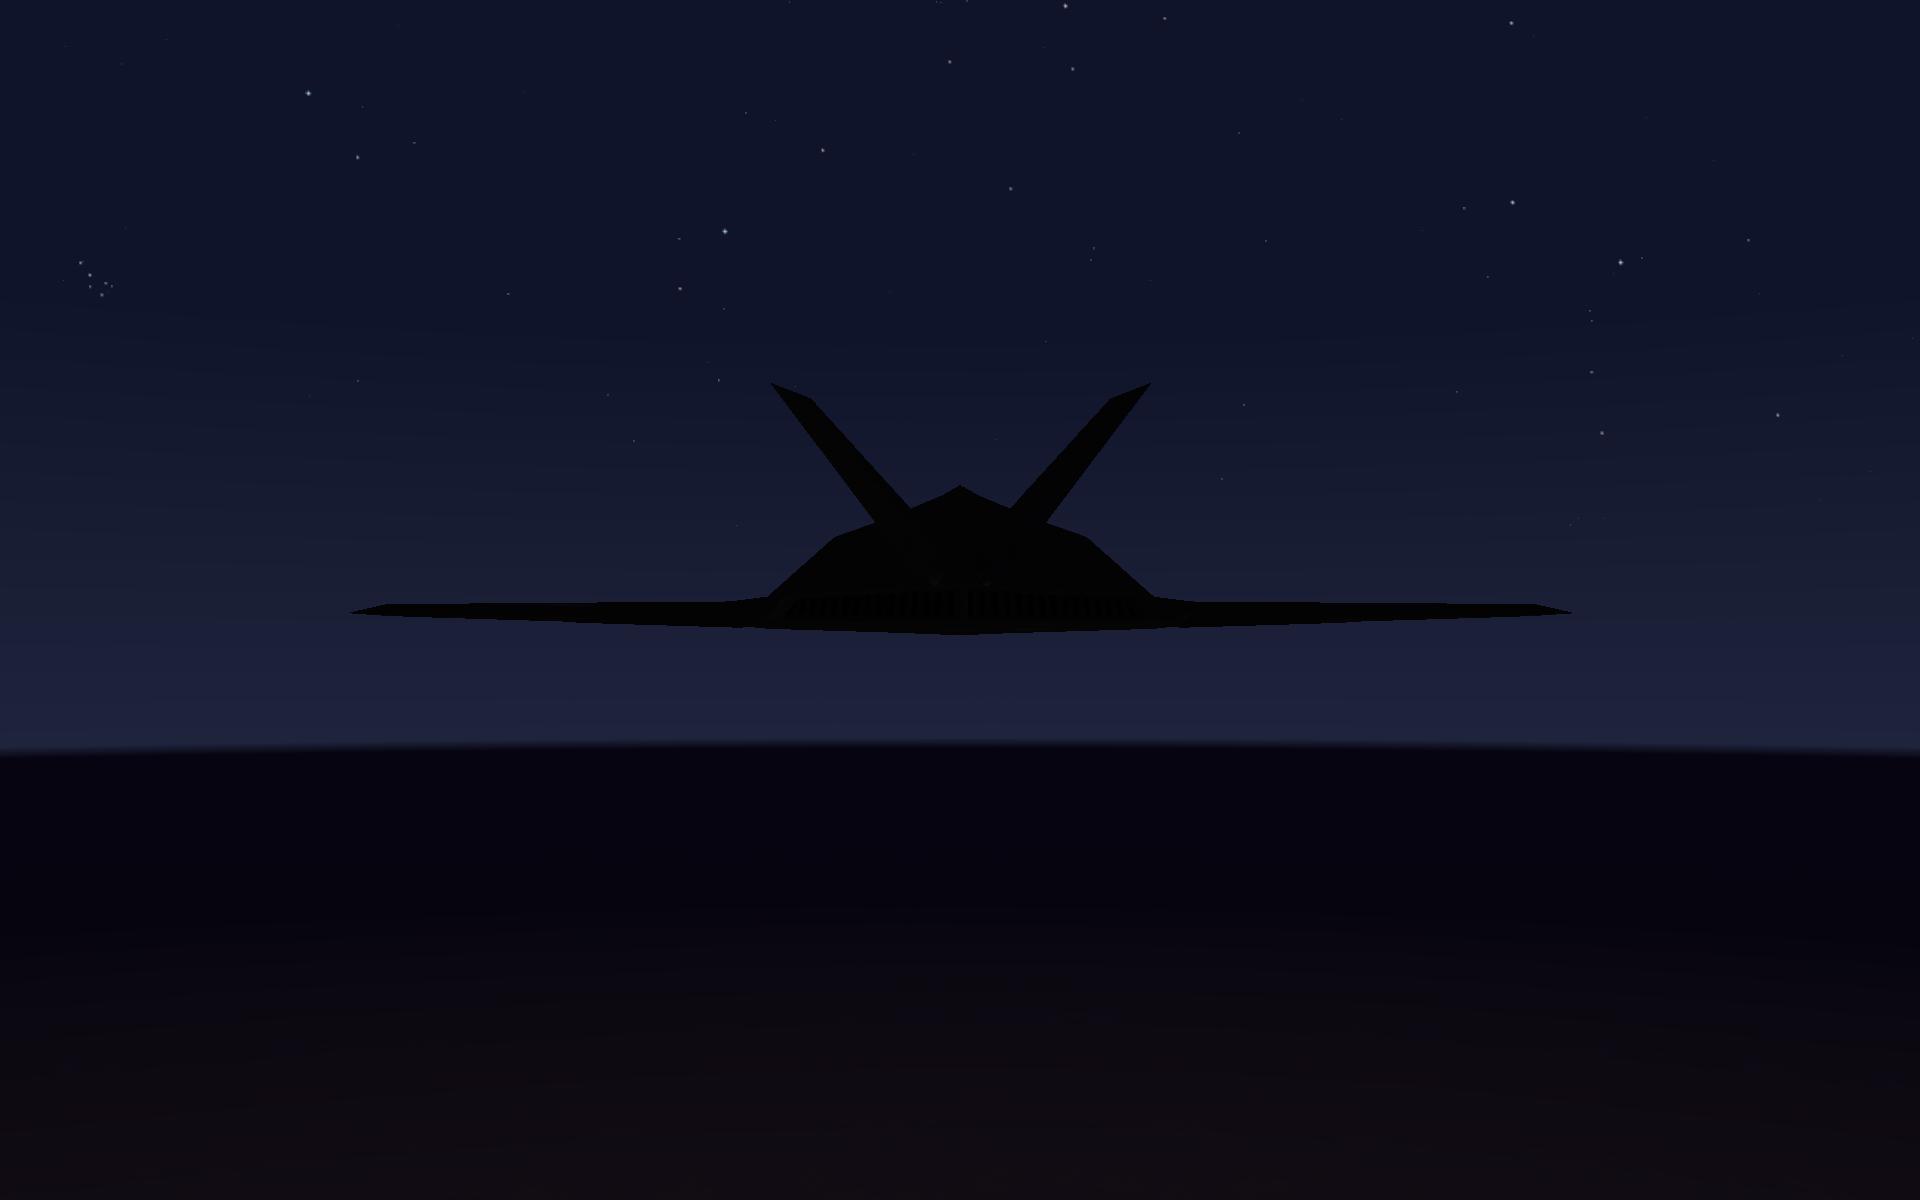 Nighthawk EYE